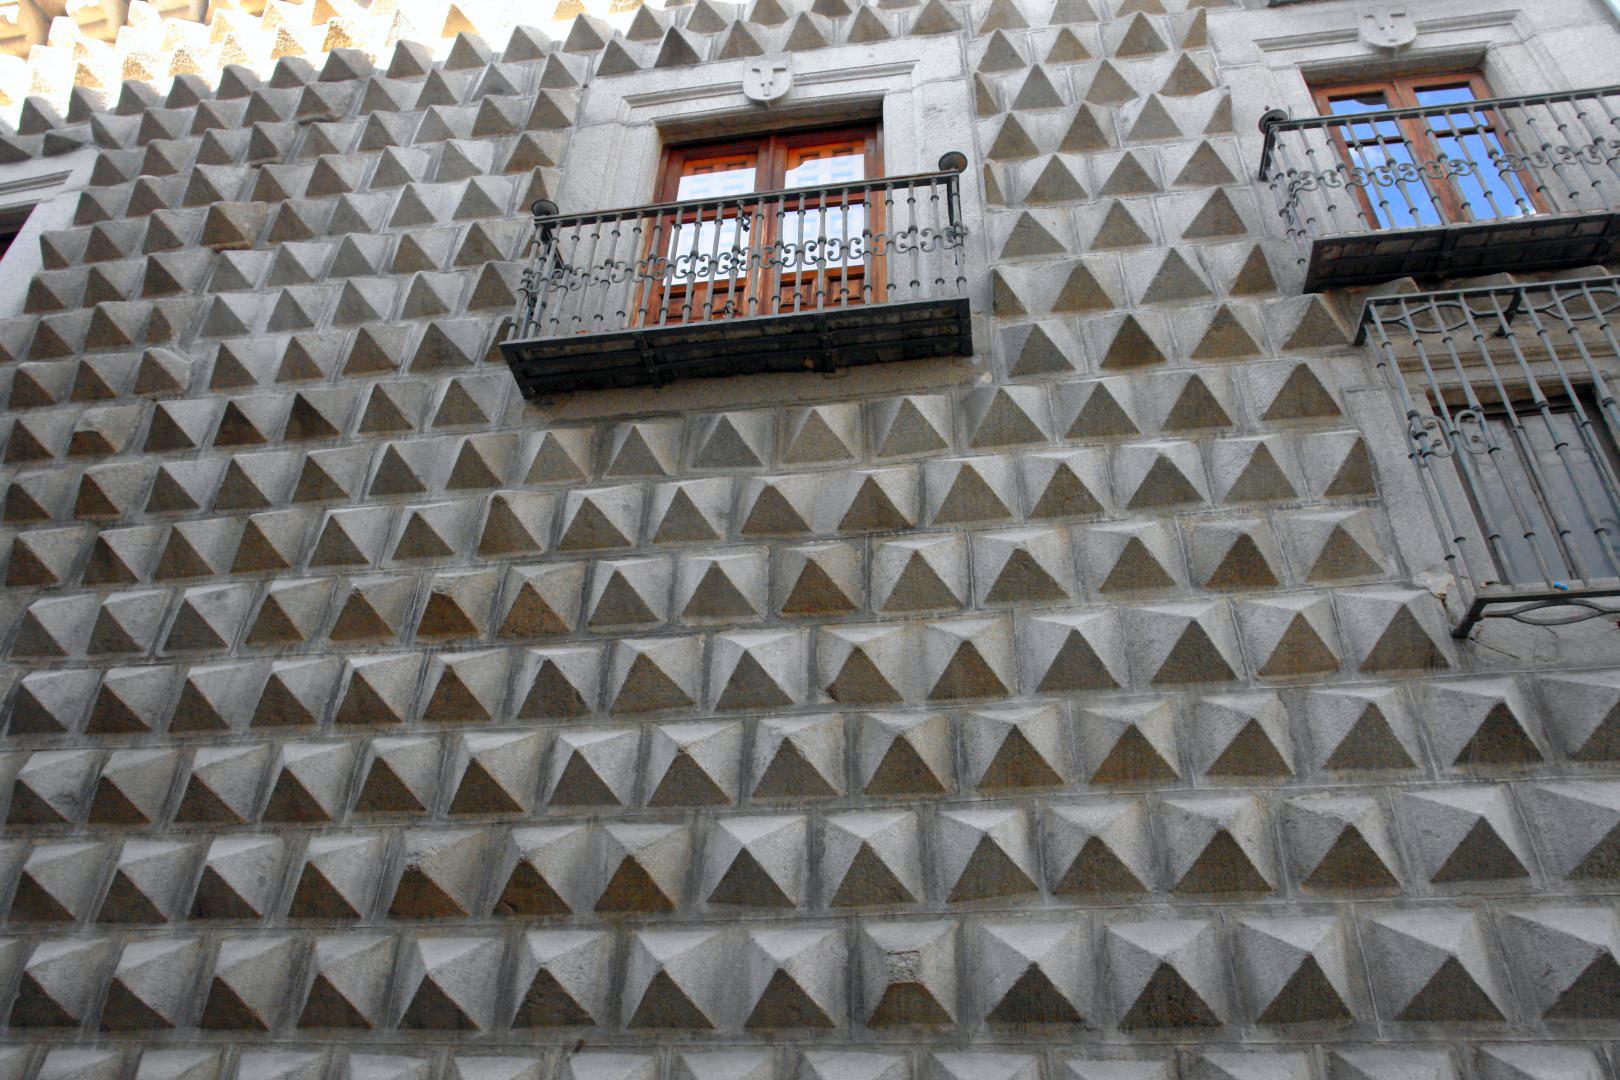 Qué ver Segovia, España qué ver en segovia - 30289237334 7028ab938b o - Qué ver en Segovia, España